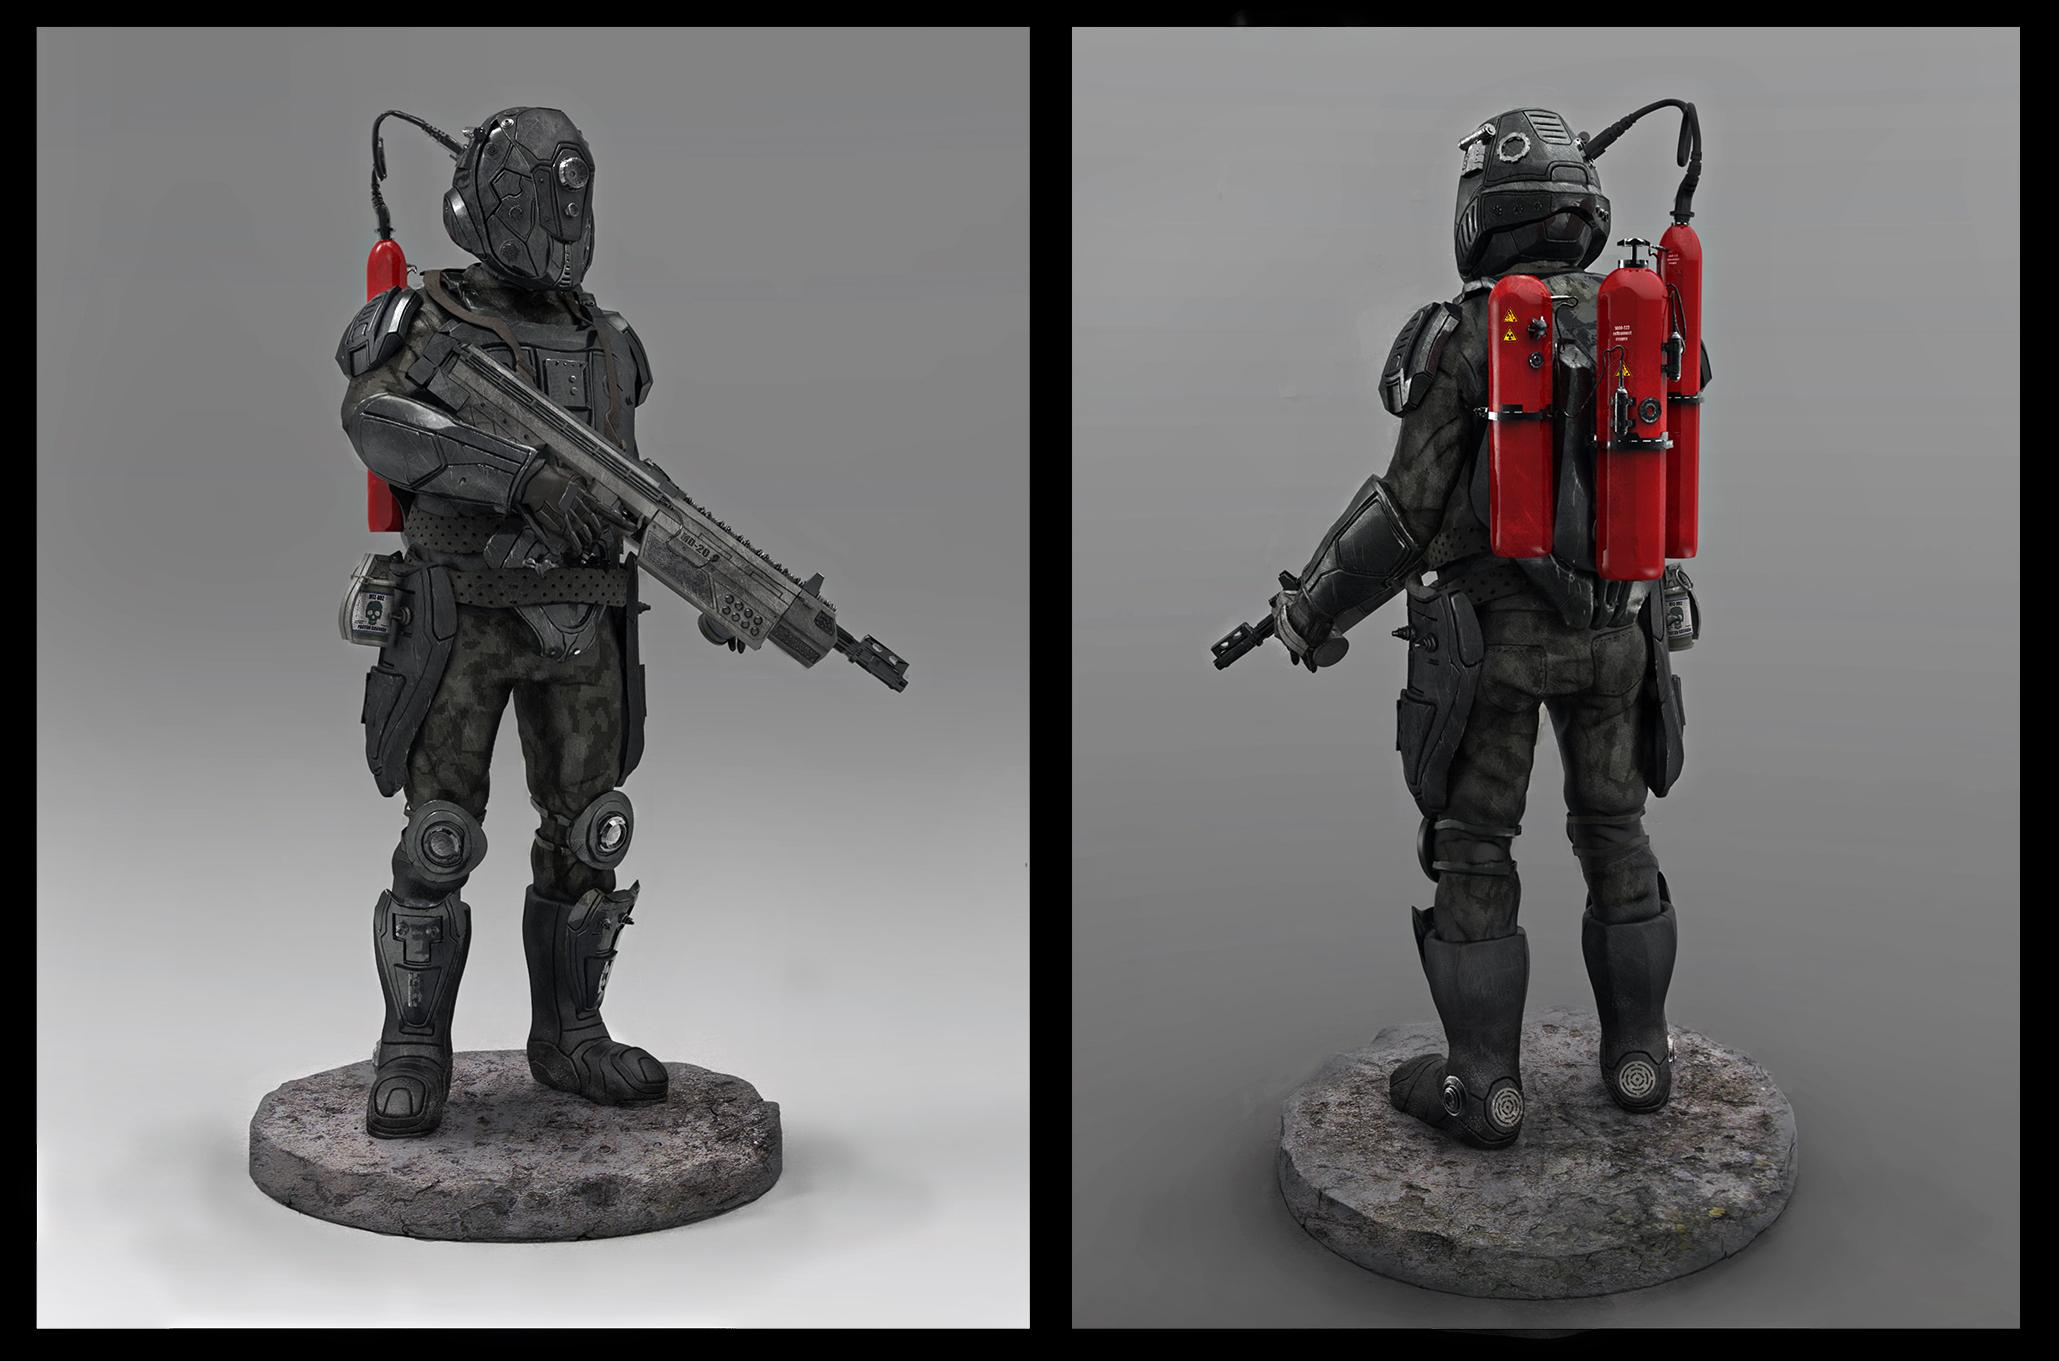 futuristic  sci fy soldier concept by LMorse